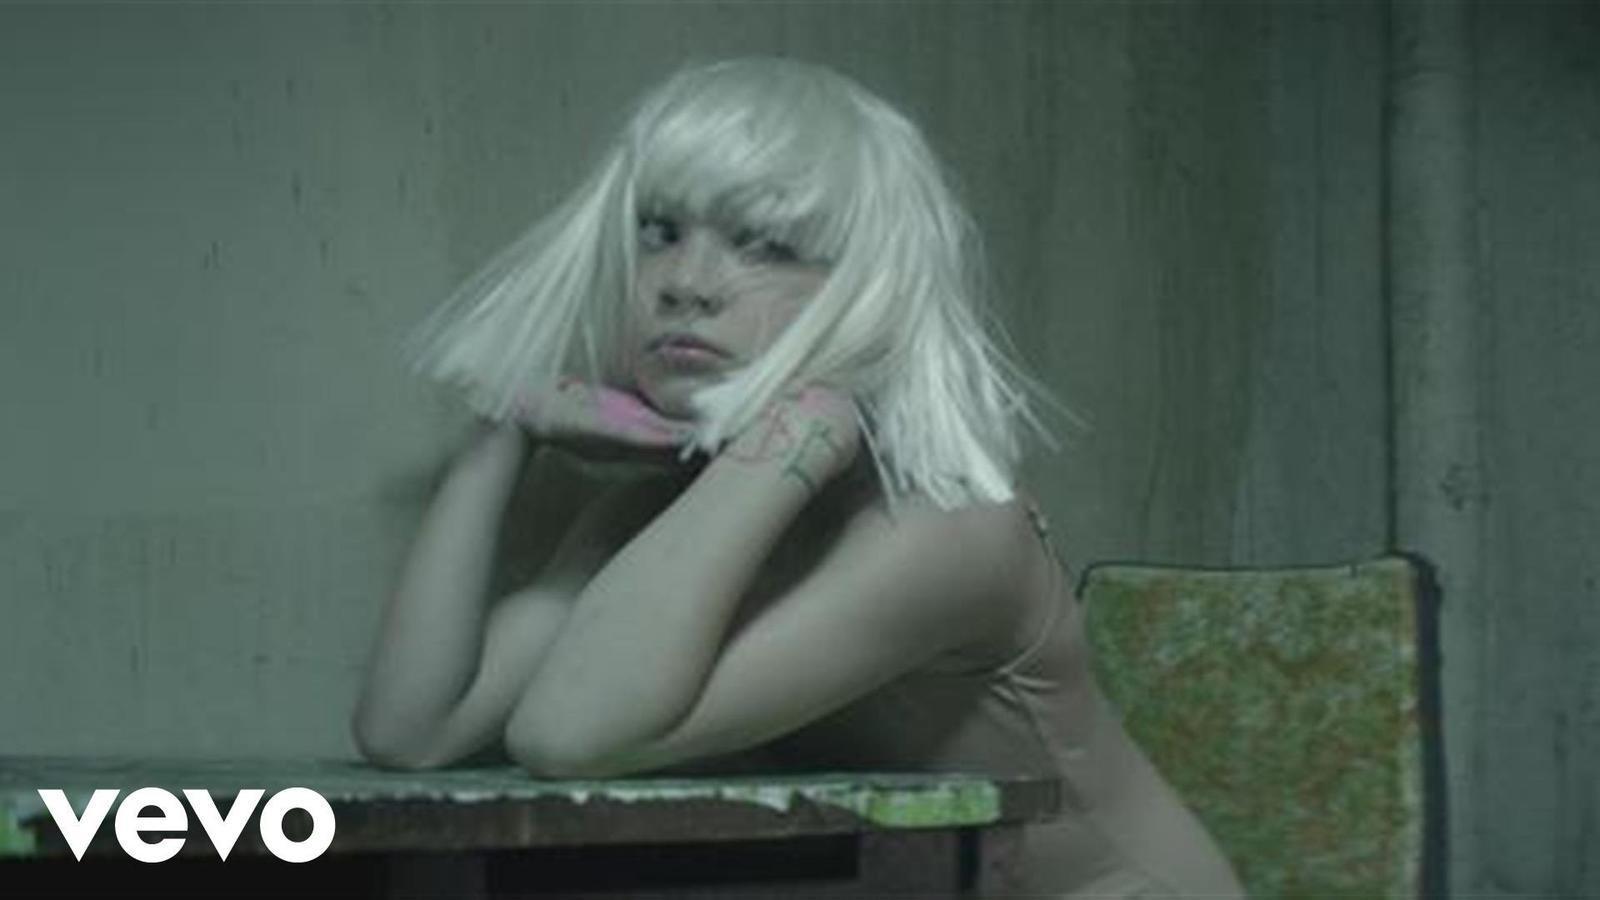 El videoclip de la cantant Sia protagonitzat per Maddie Ziegler